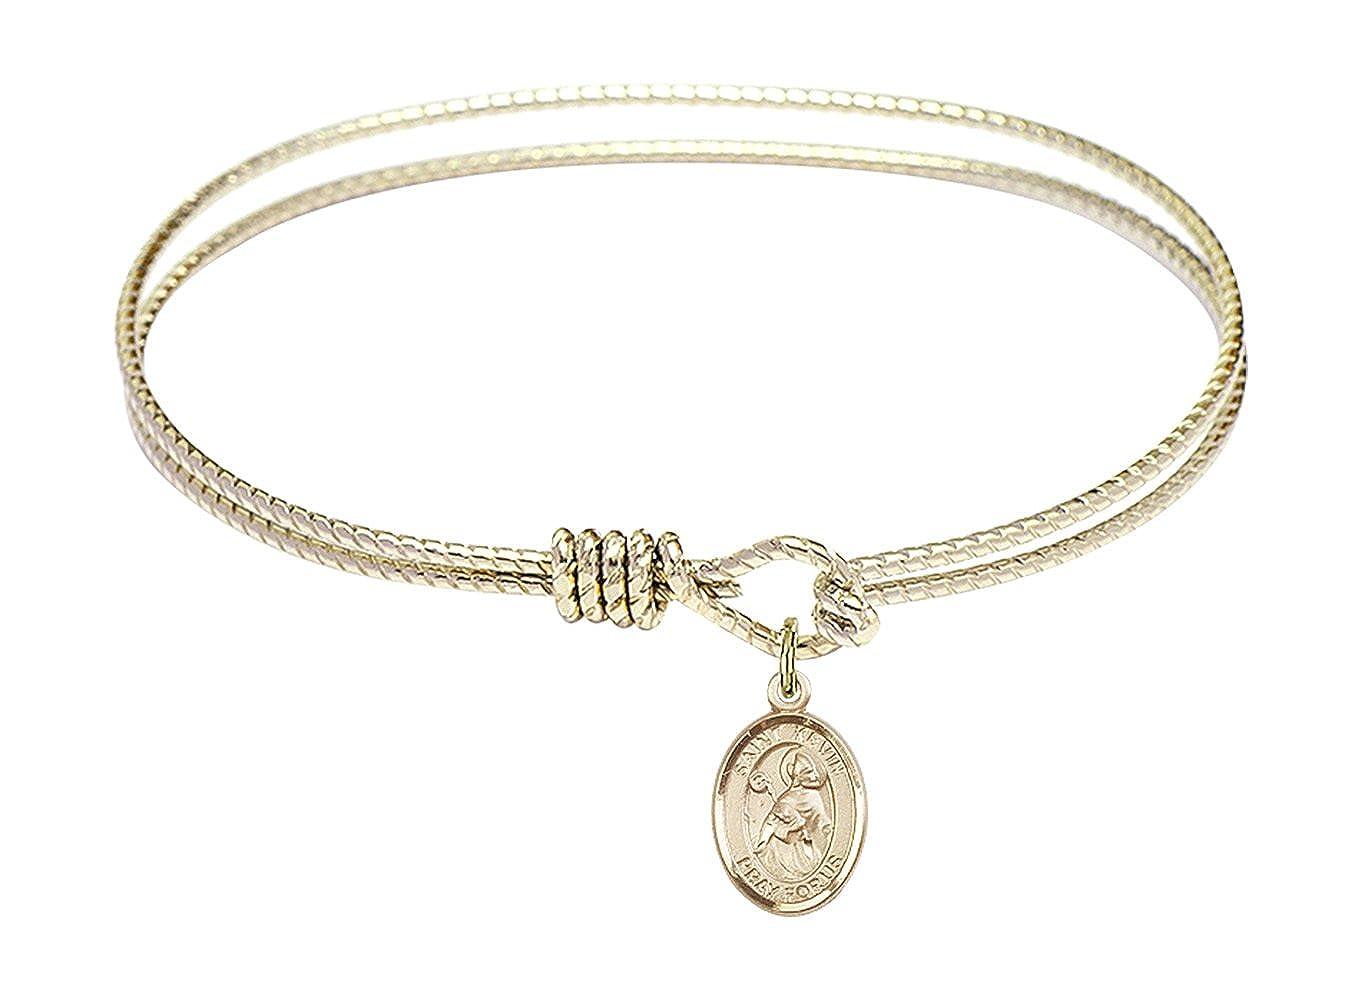 Kevin Charm. DiamondJewelryNY Eye Hook Bangle Bracelet with a St